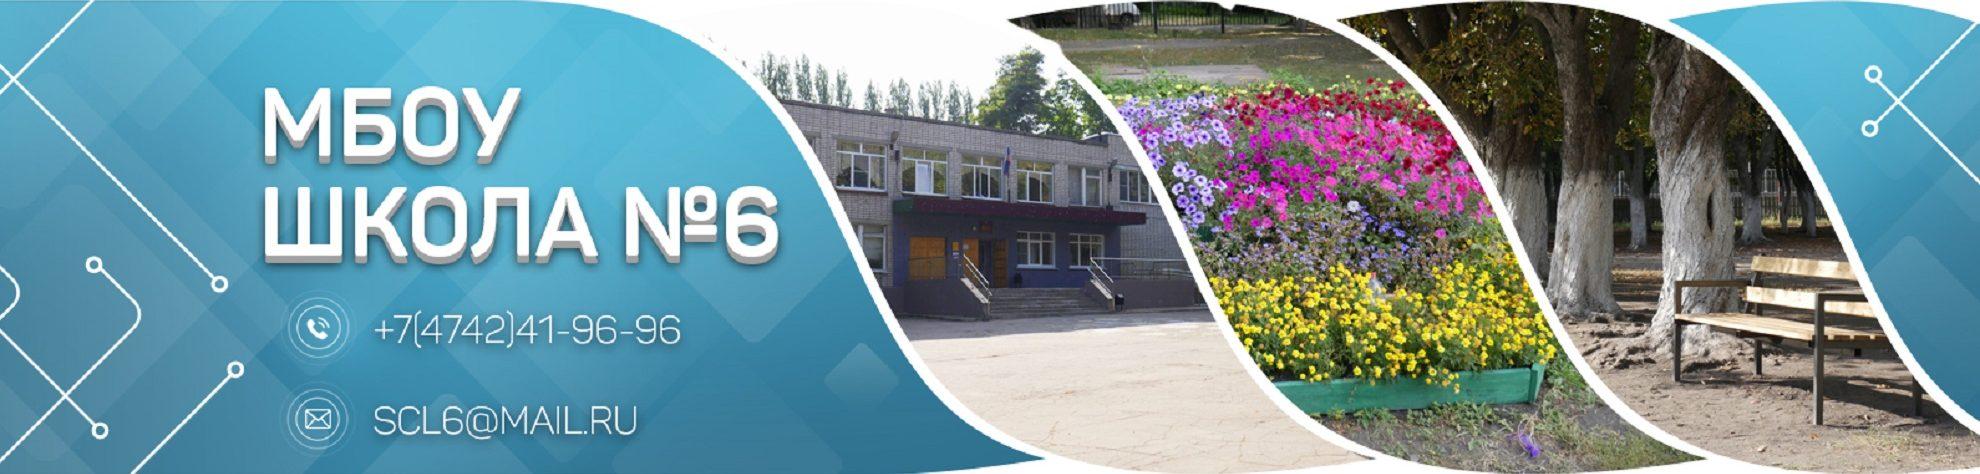 """Муниципальное бюджетное образовательное учреждение """"Школа № 6"""" г. Липецка имени В.Шавкова"""